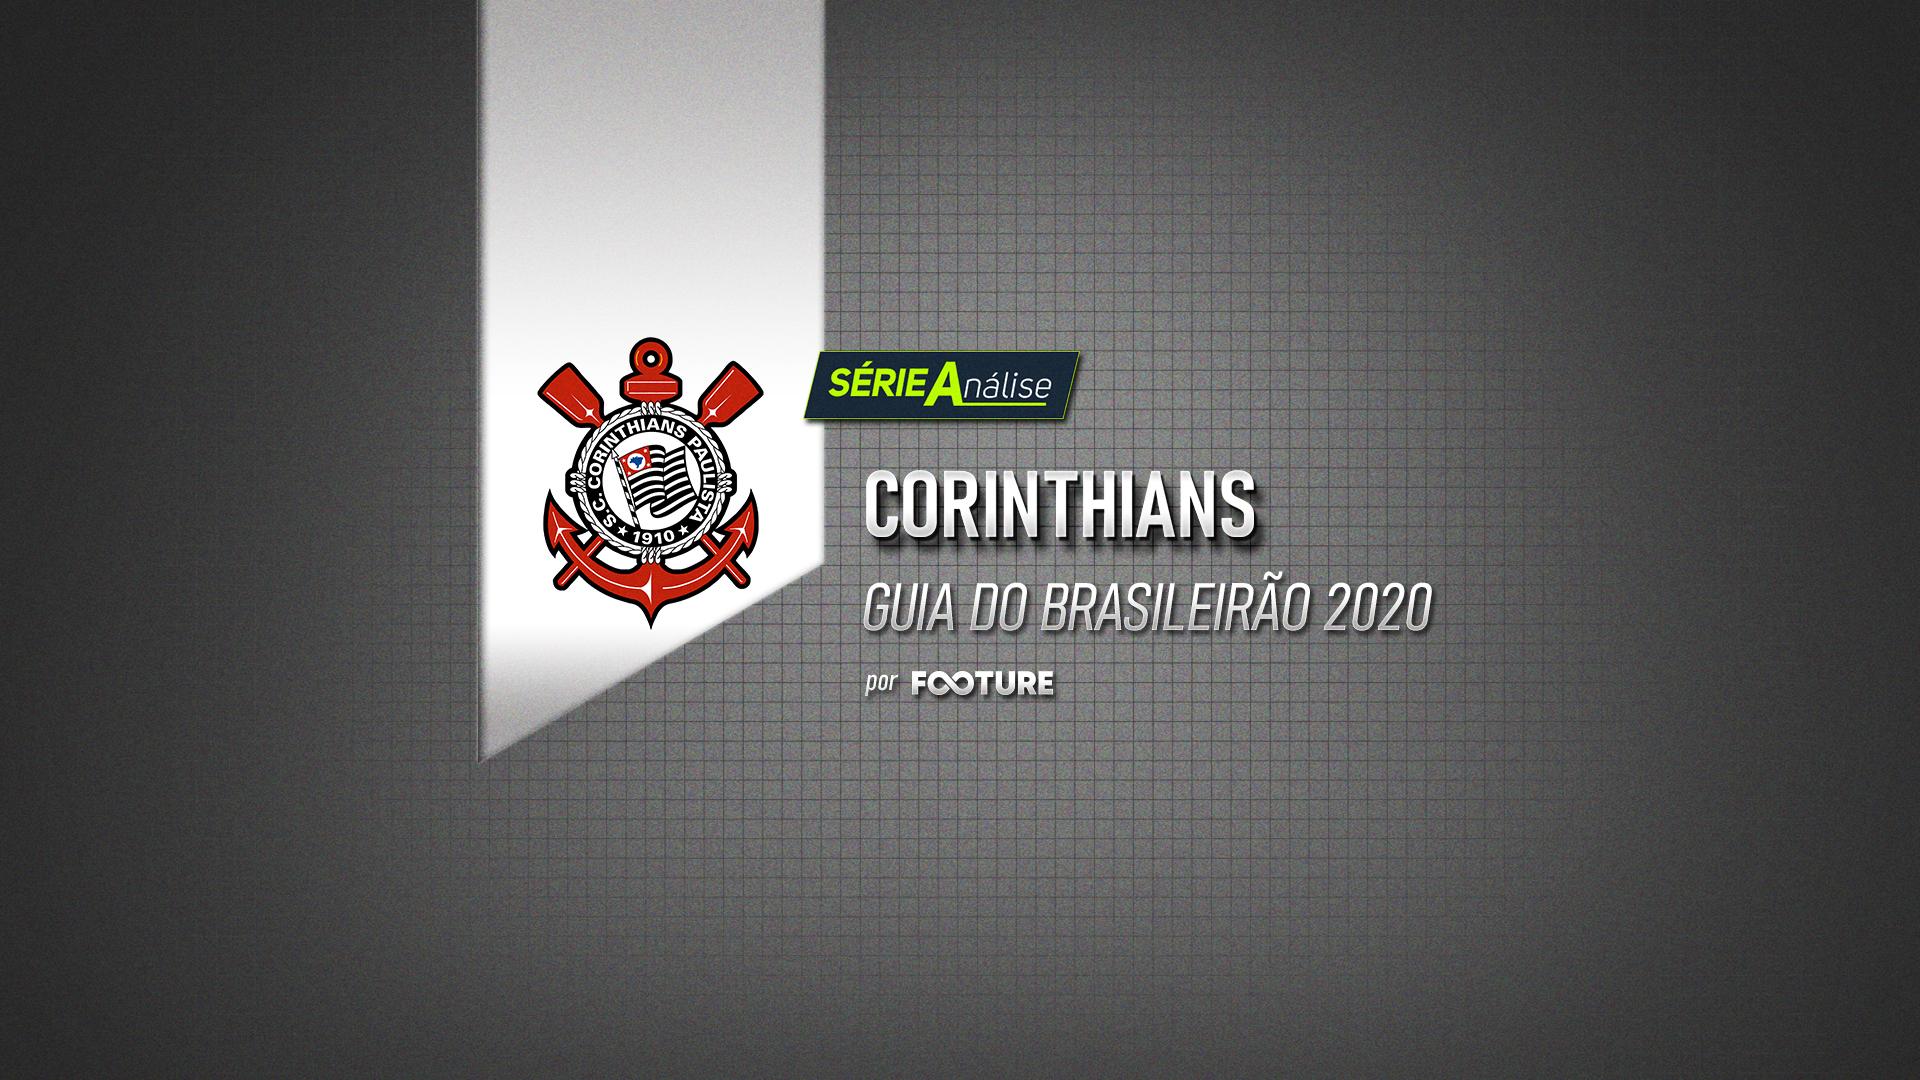 Guia do Brasileirão 2020 – Corinthians